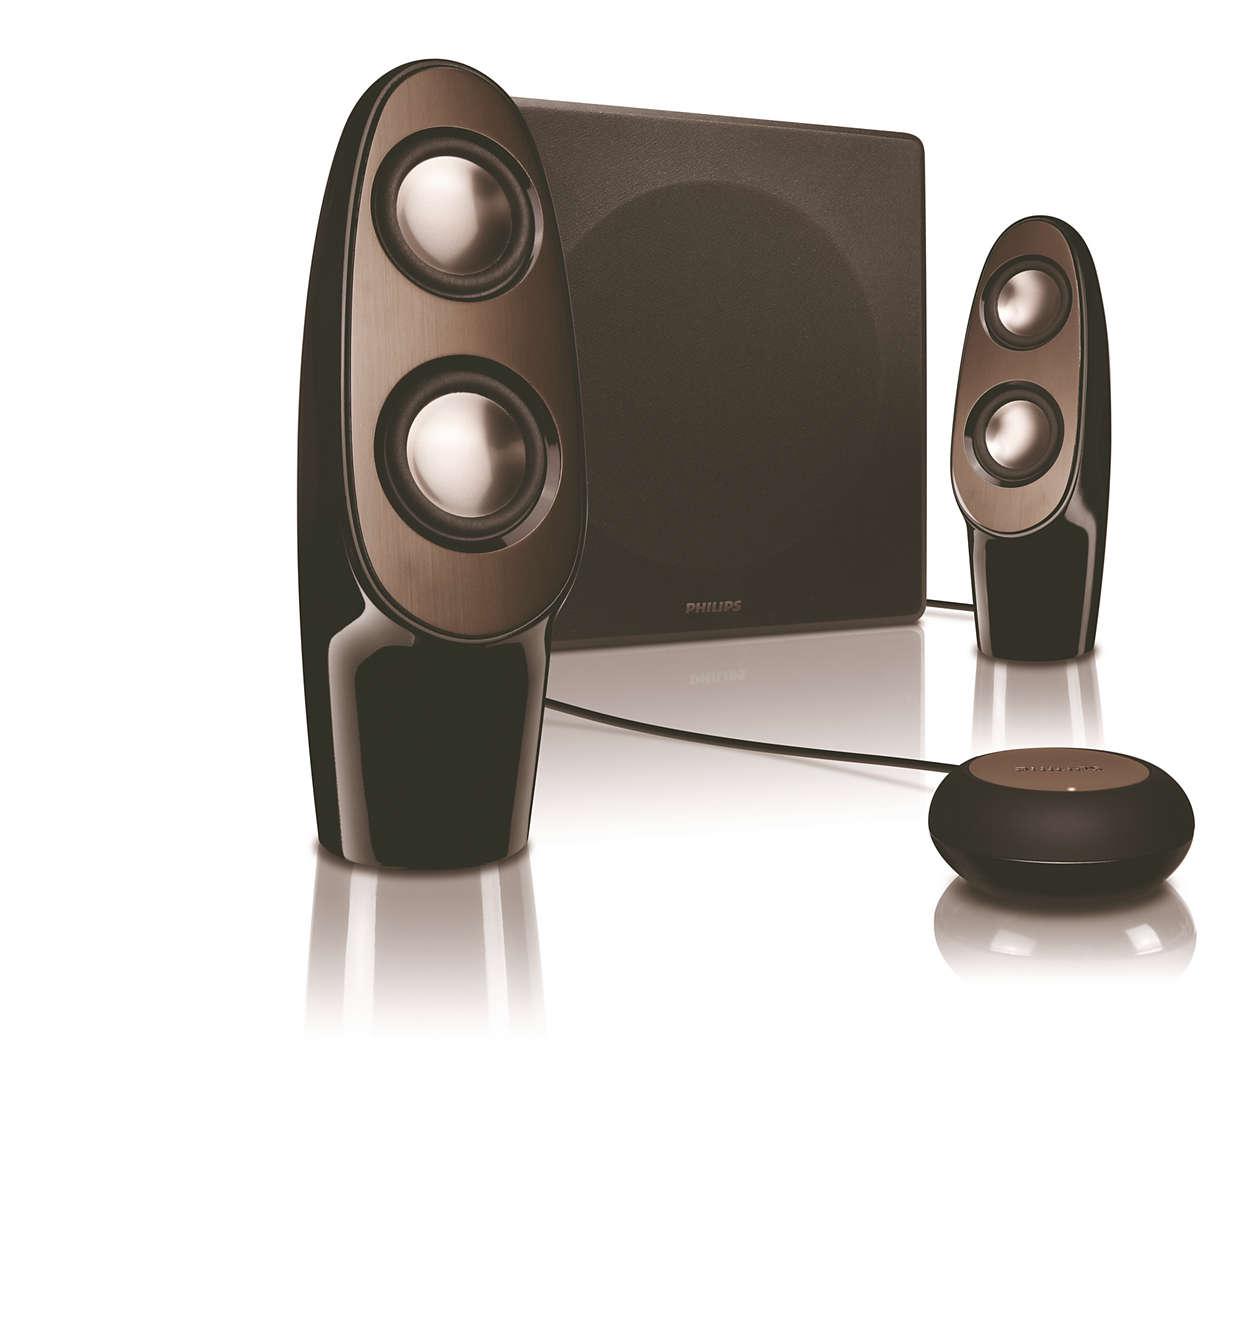 Puikus garsas iš visų pusių!